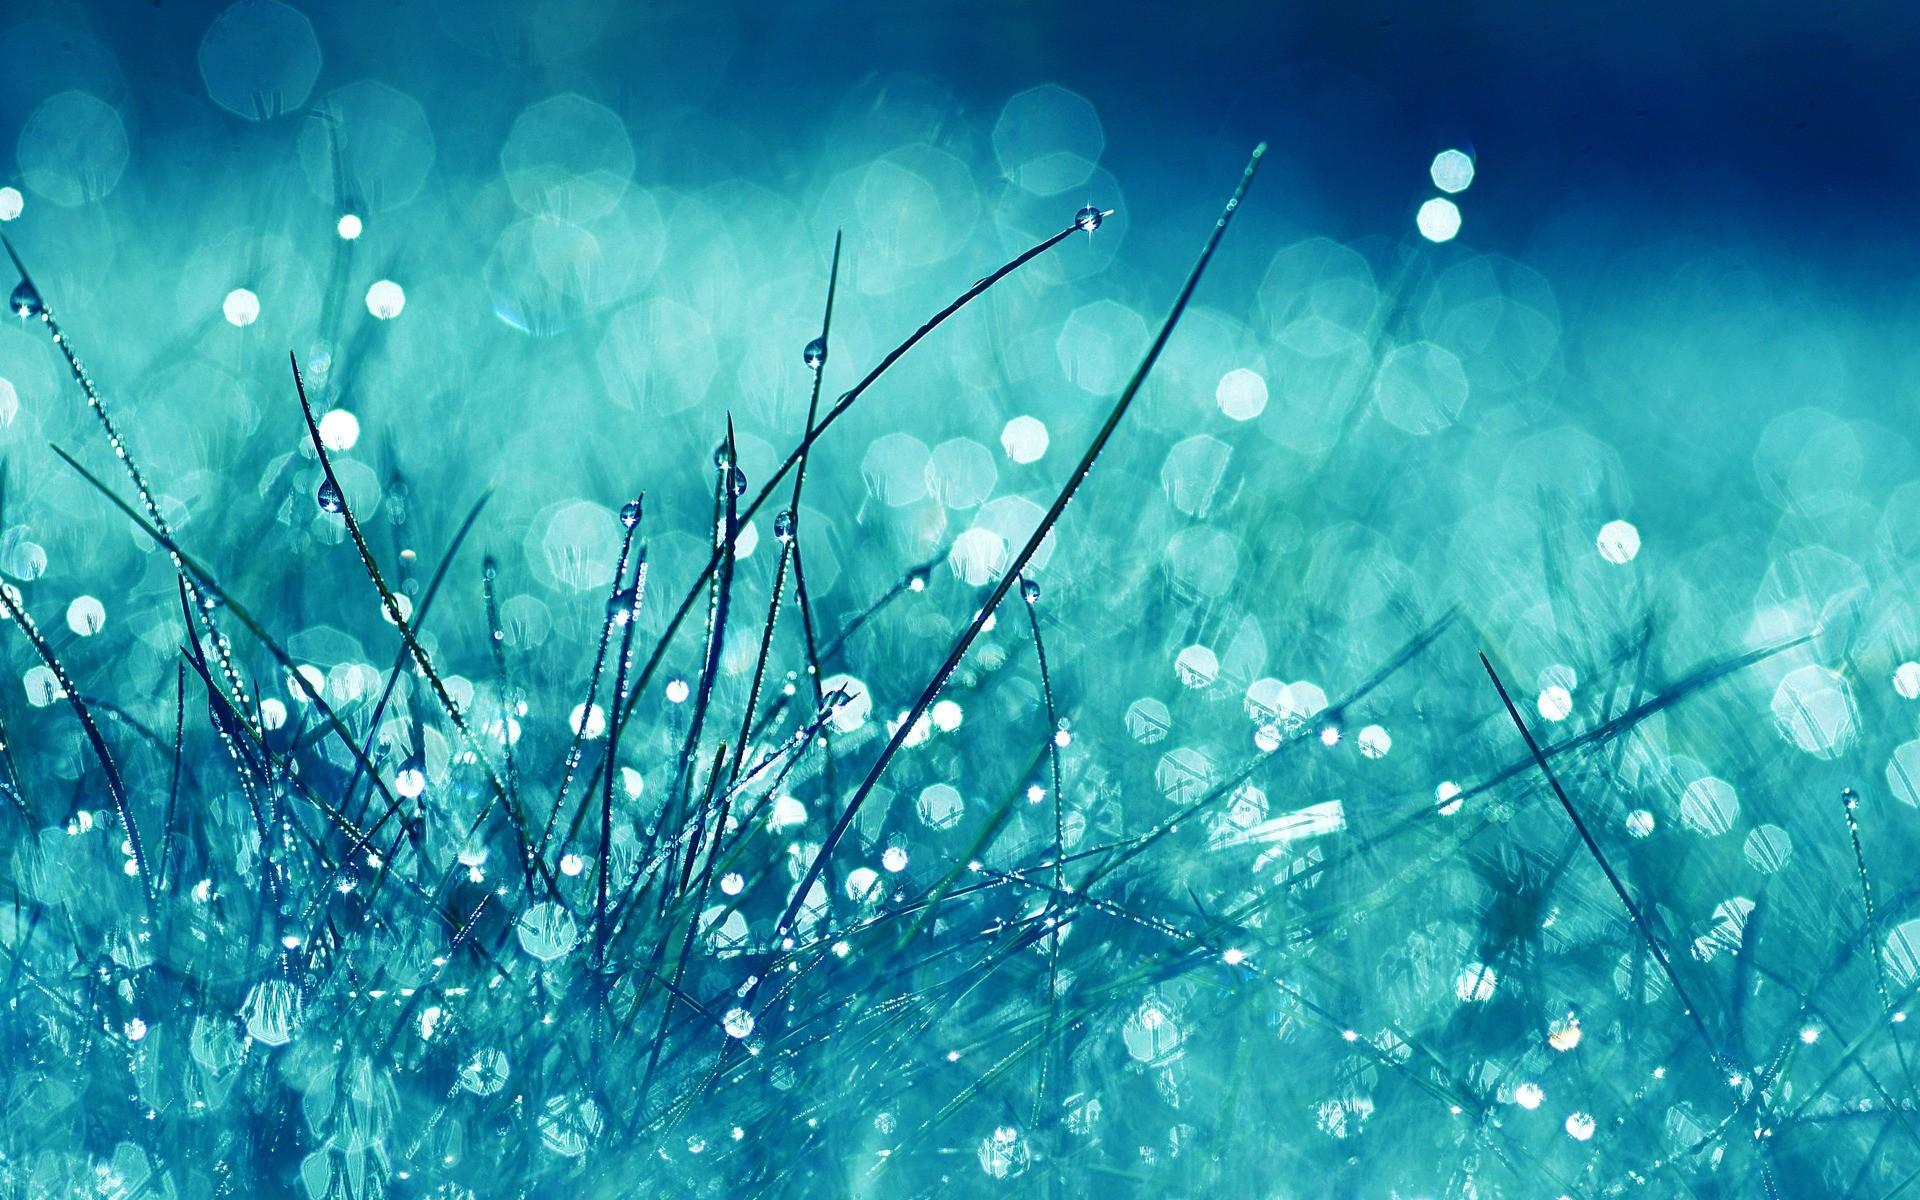 Golden Glitter Desktop Wallpaper. Grass Glitter HD Wallpaper